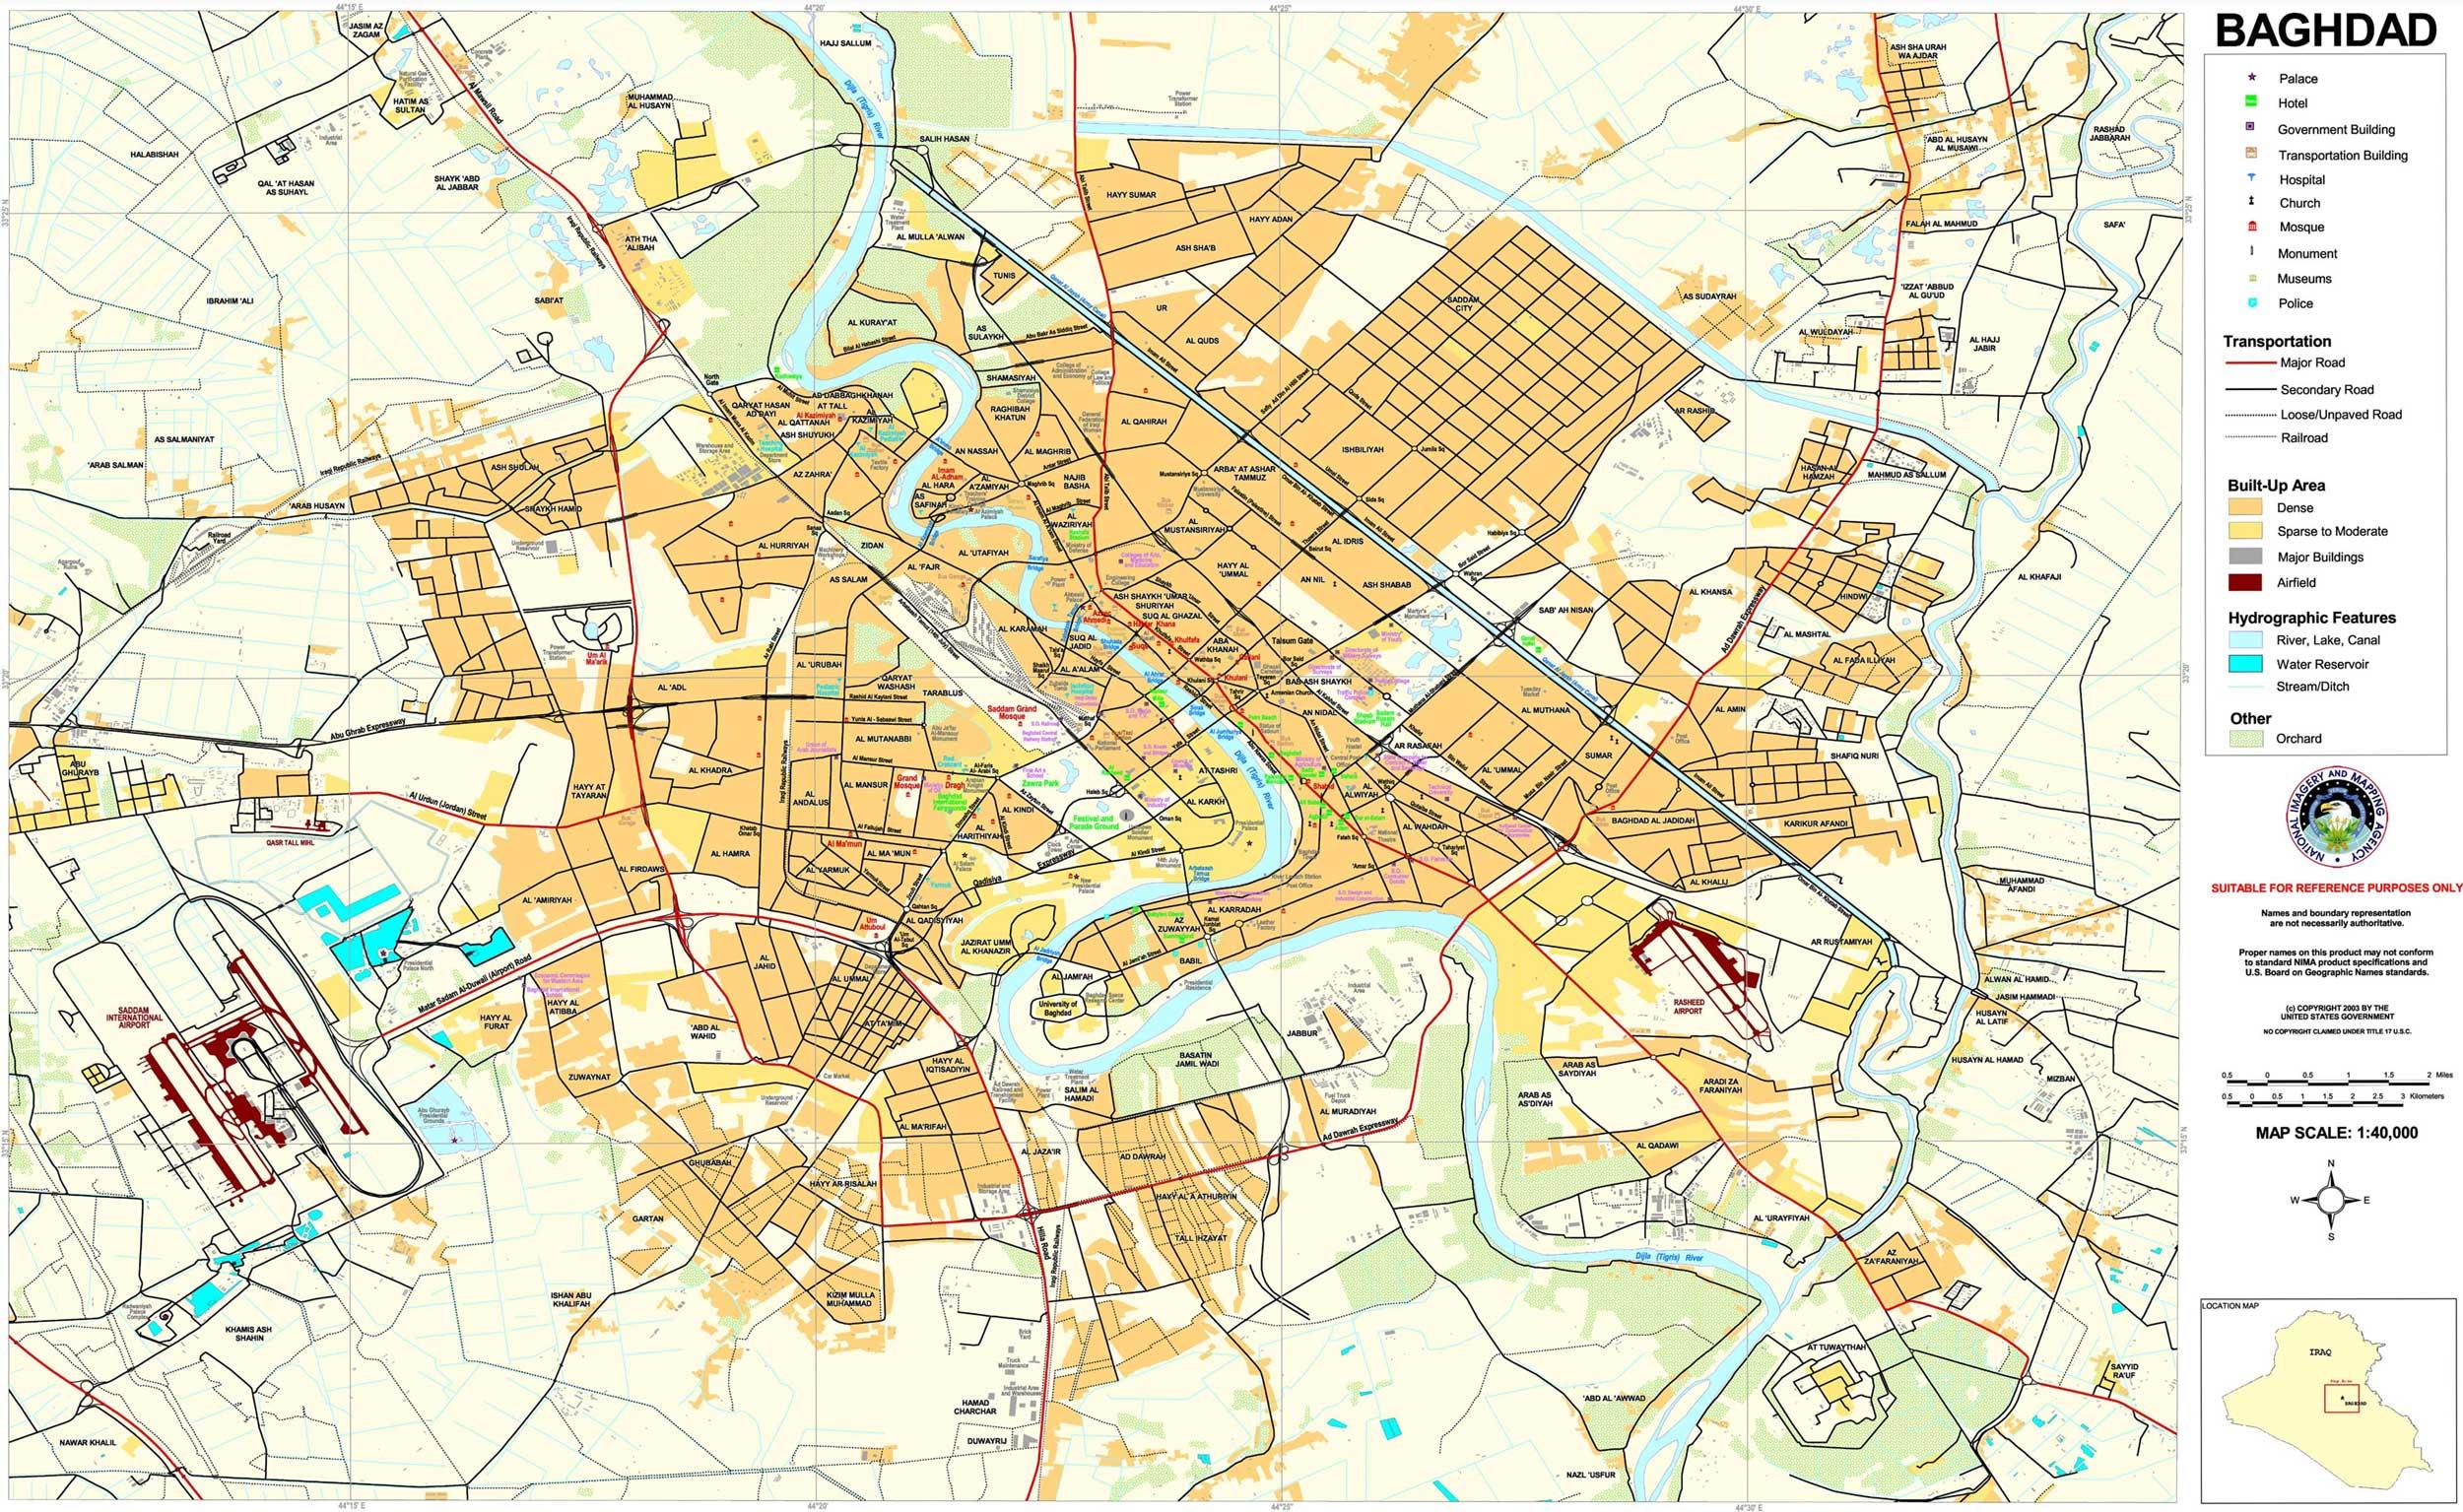 Bagdad - ville